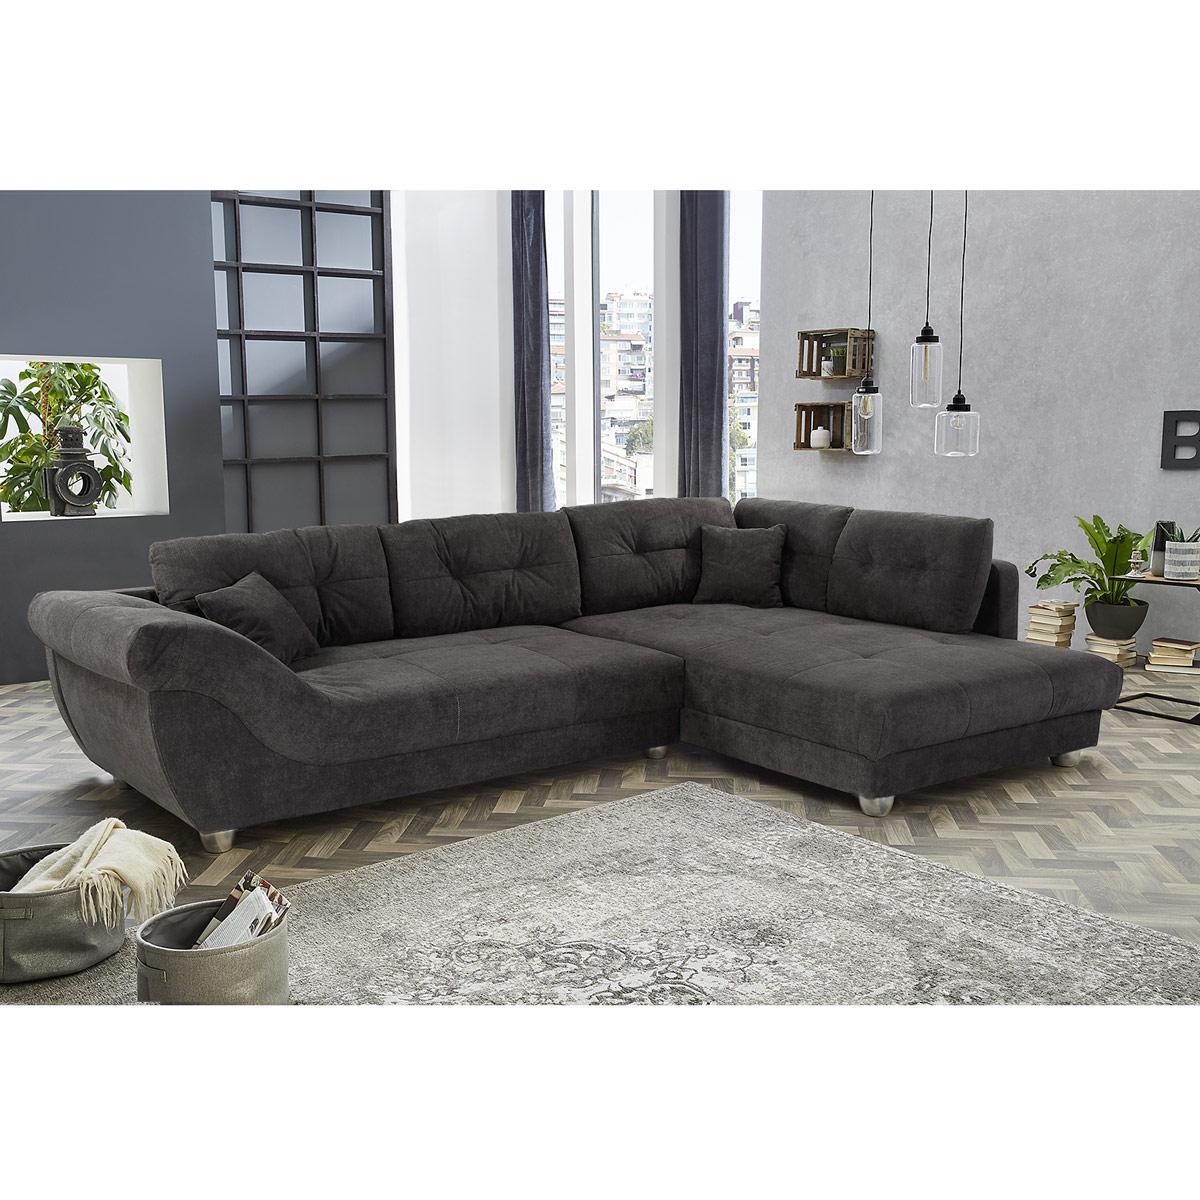 Ecksofa Sienas Sofa Wohnlandschaft Polstersofa In Schwarz Braun Grau